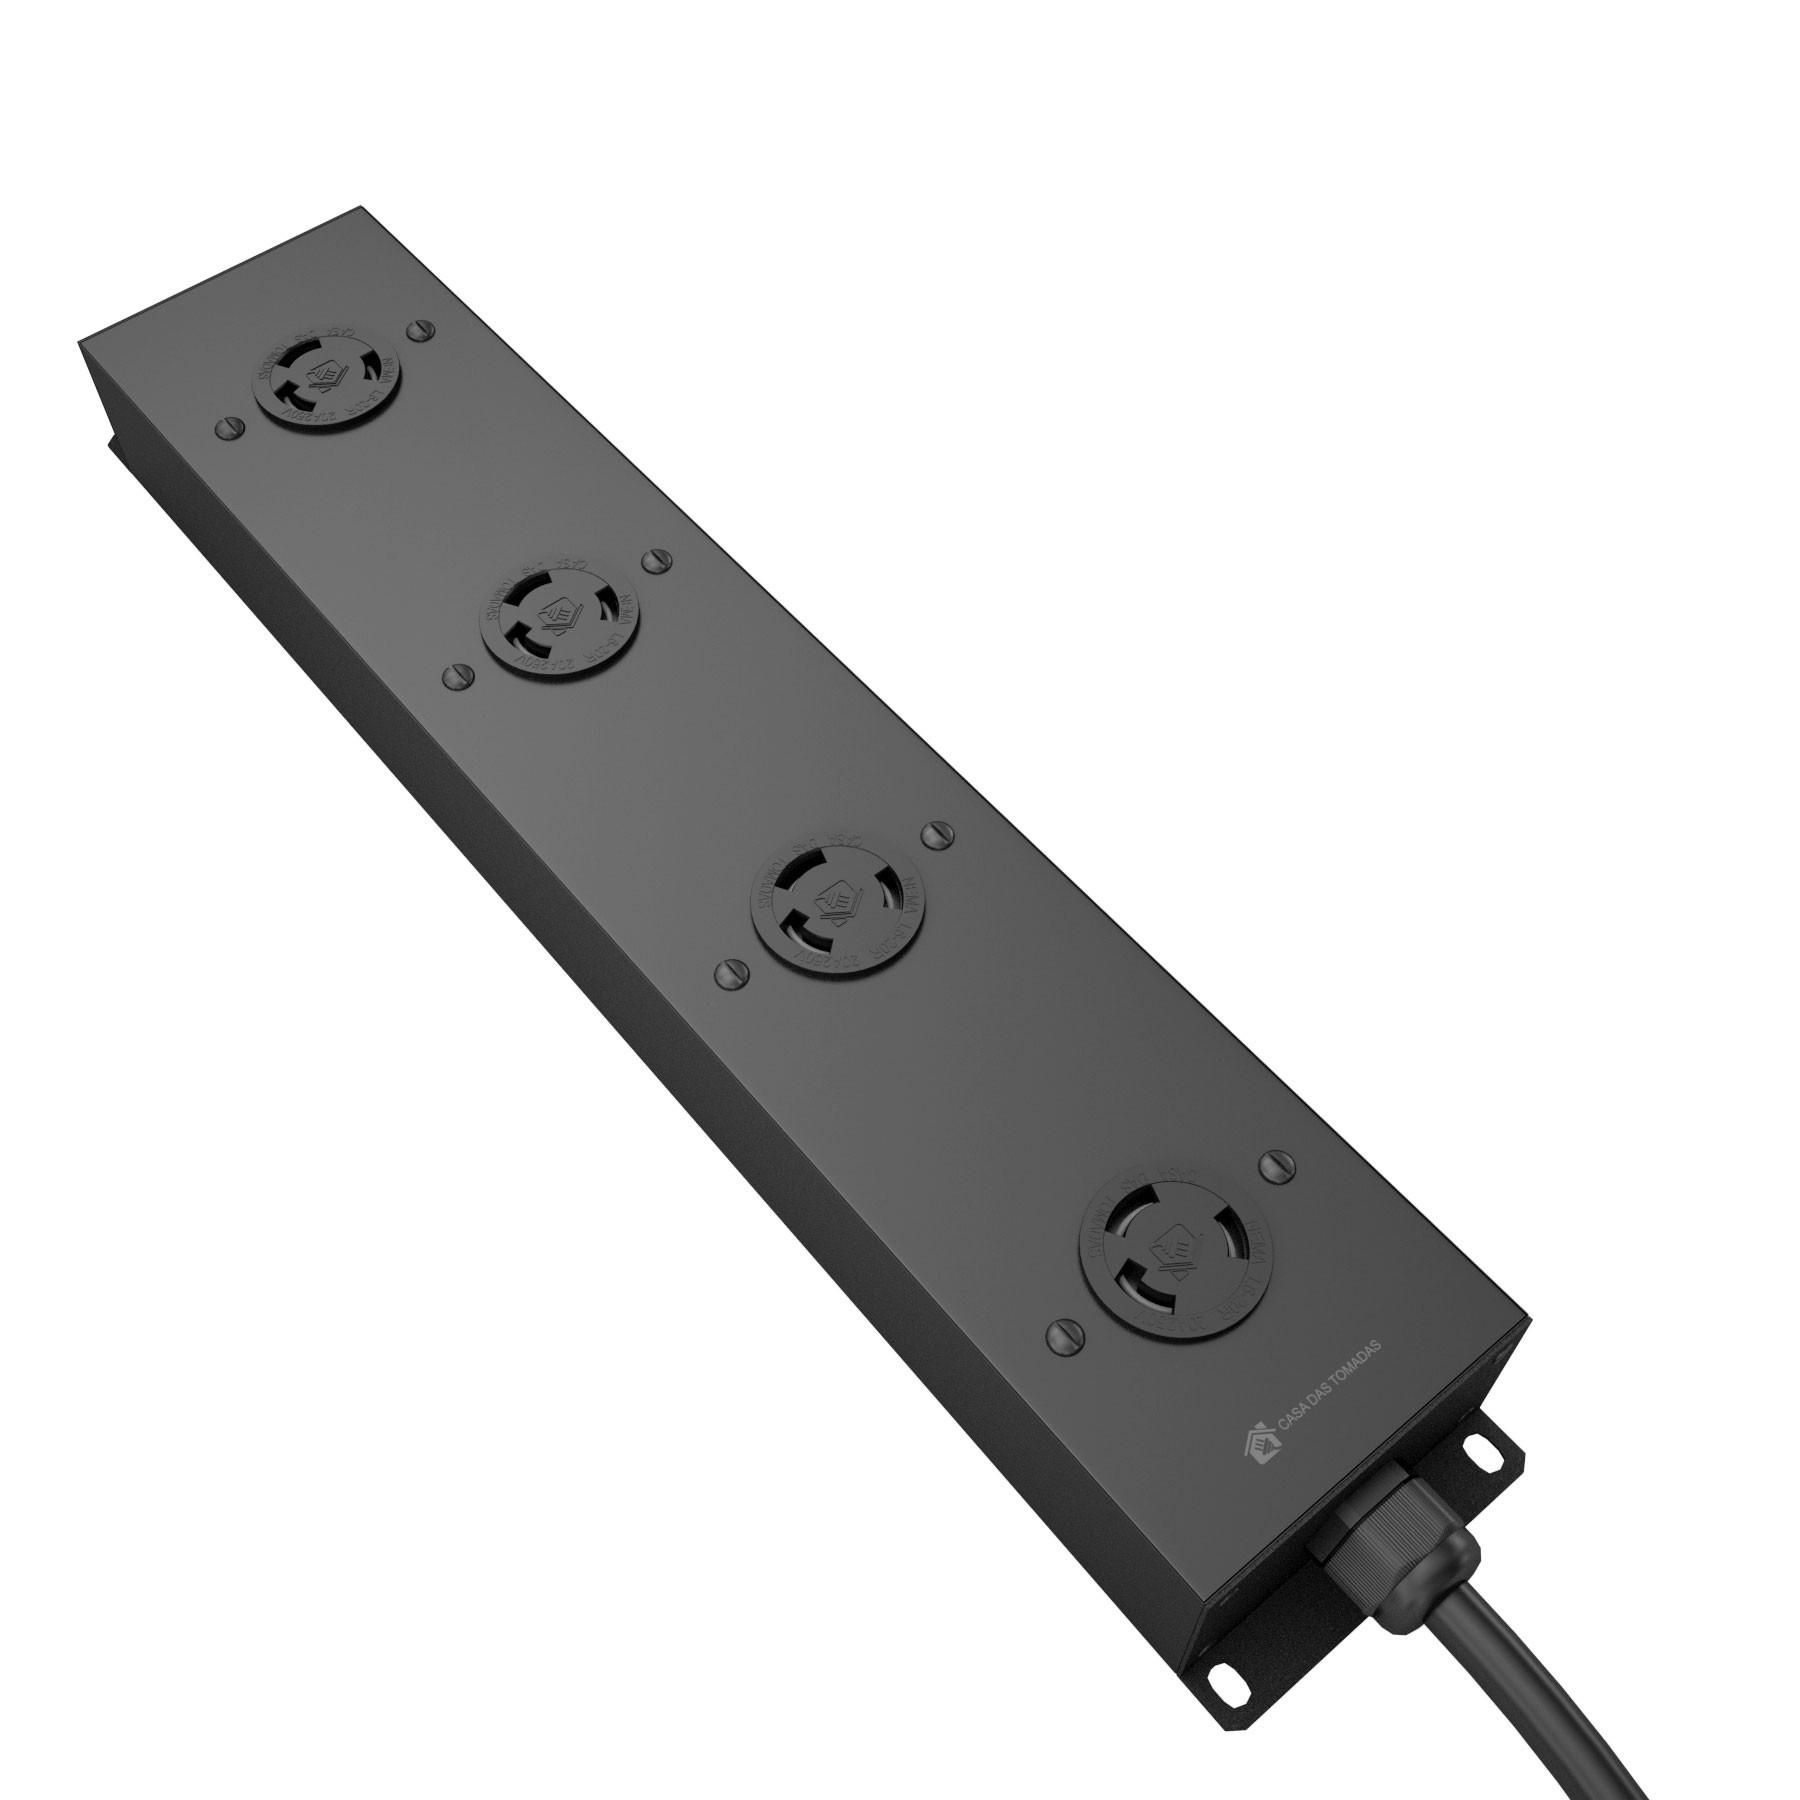 PDU 36A com 4 tomadas L6-20R padrão Nema Lock 20A - Sem plugue